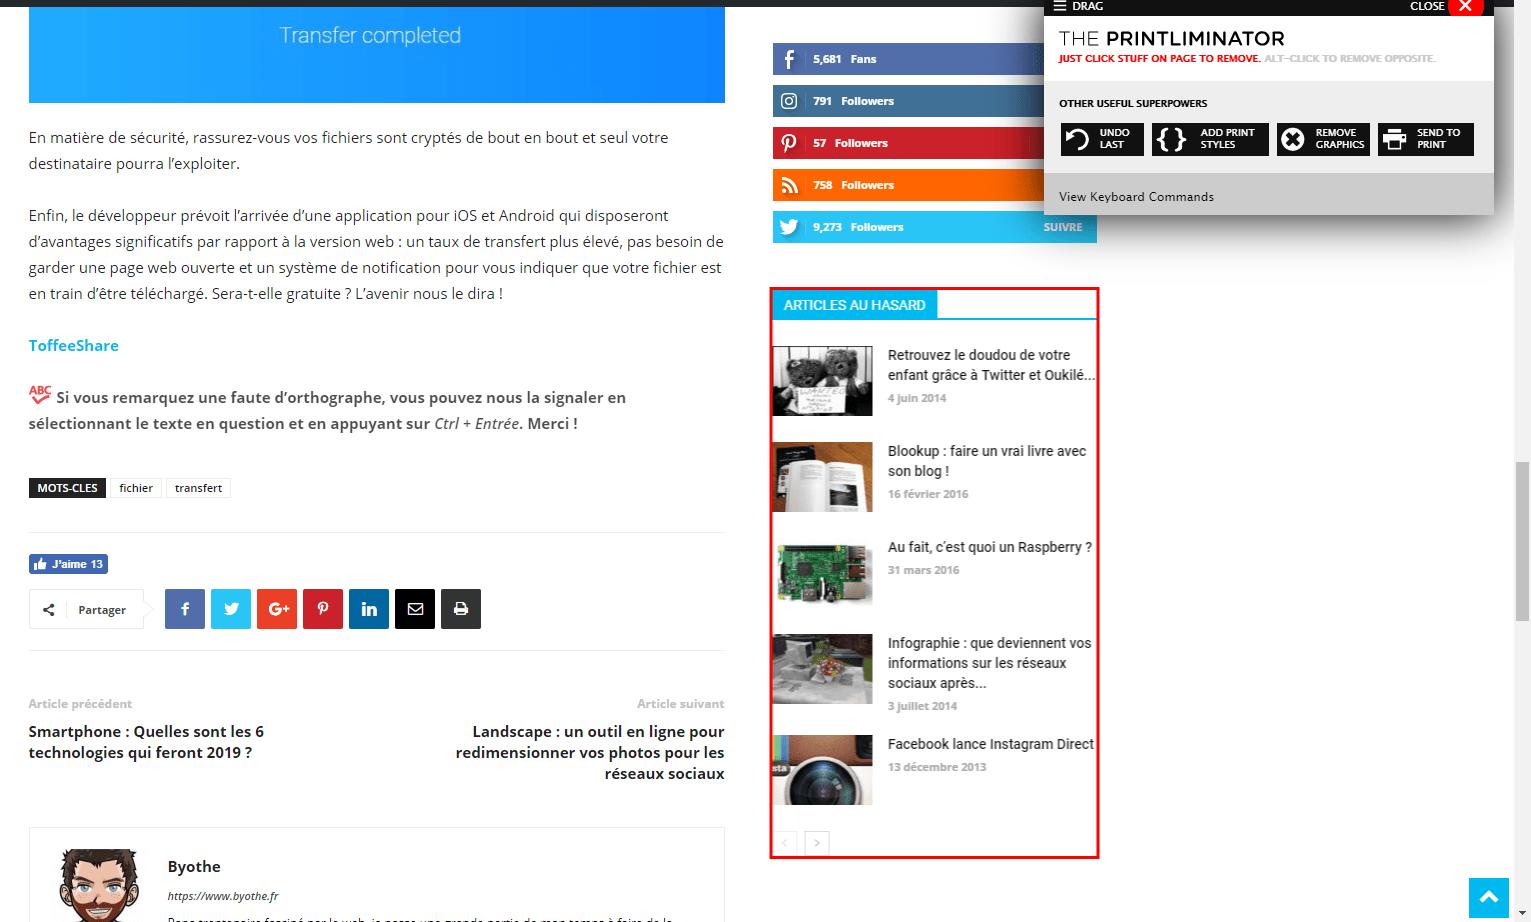 the-printliminator-nettoyage The Printliminator, un outil pour imprimer proprement une page web